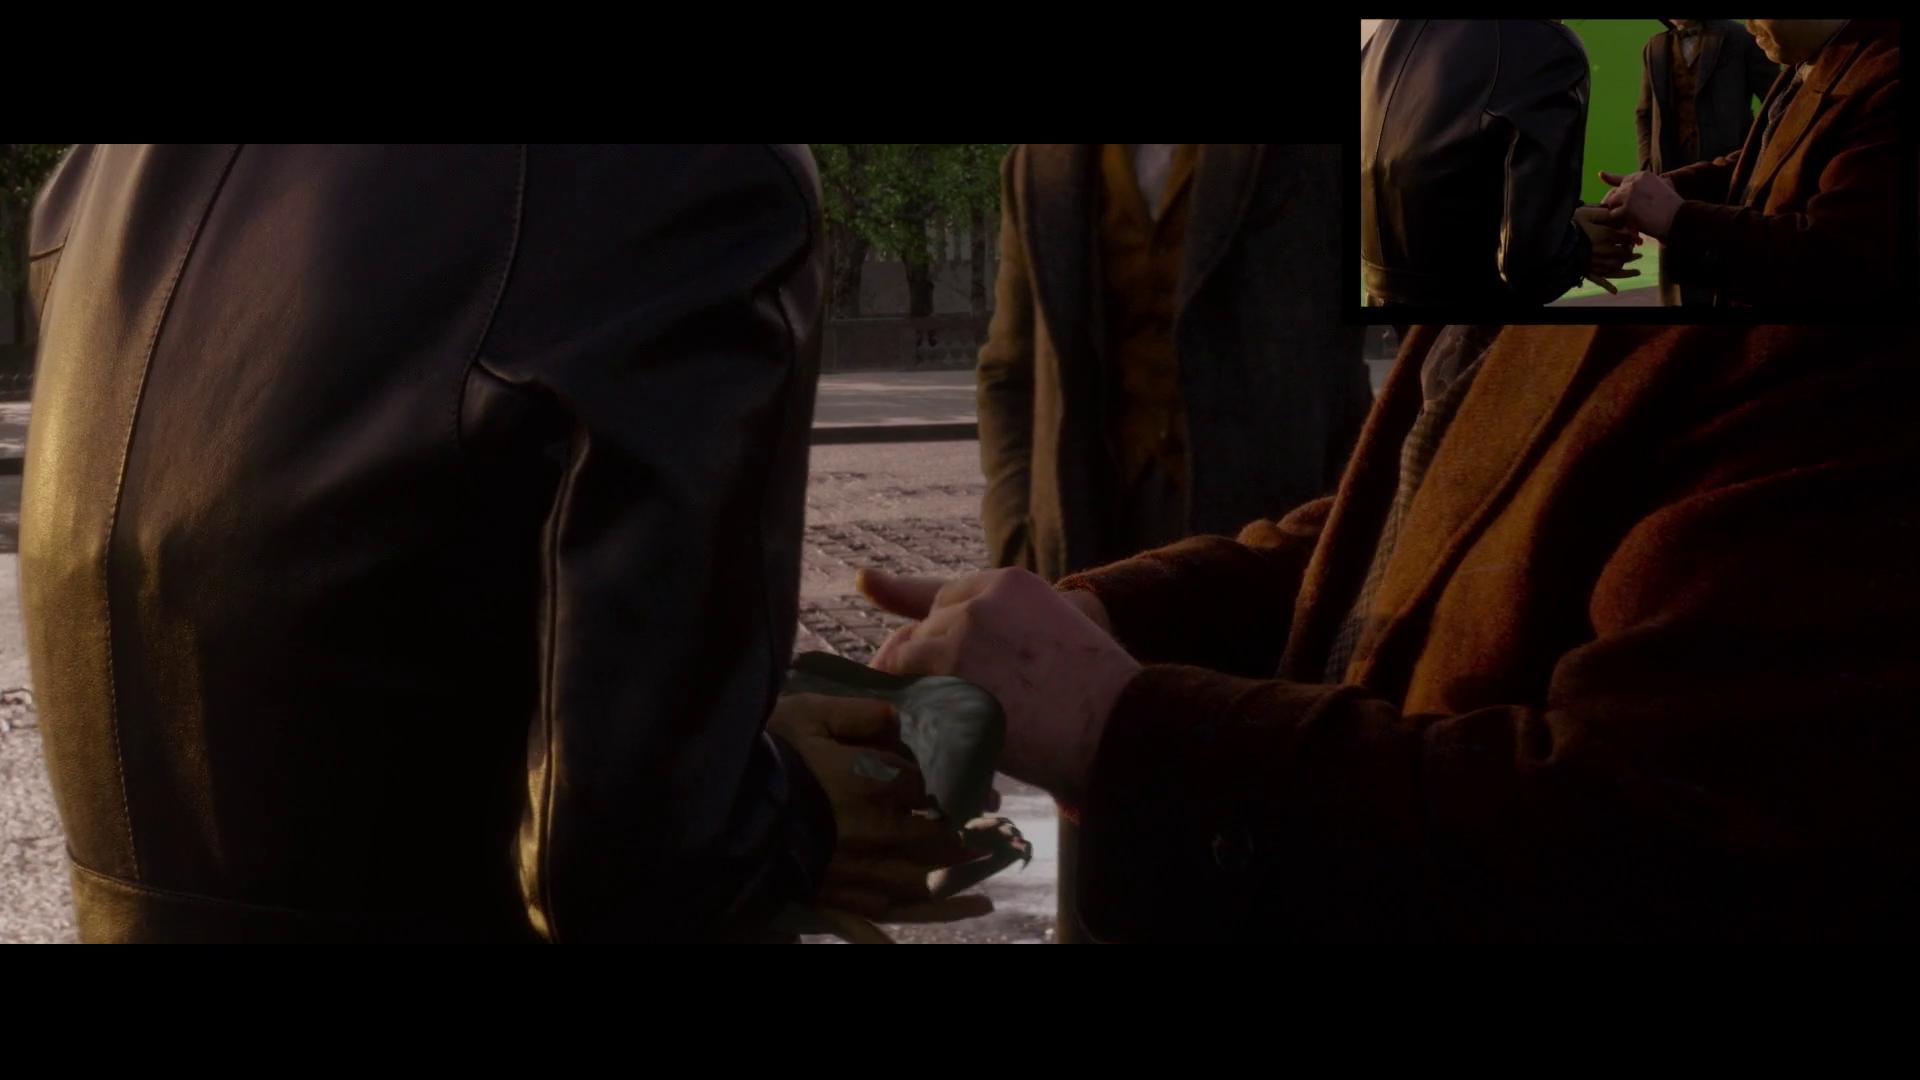 Continuação da imagem anterior. Newt pega o pelúcio.